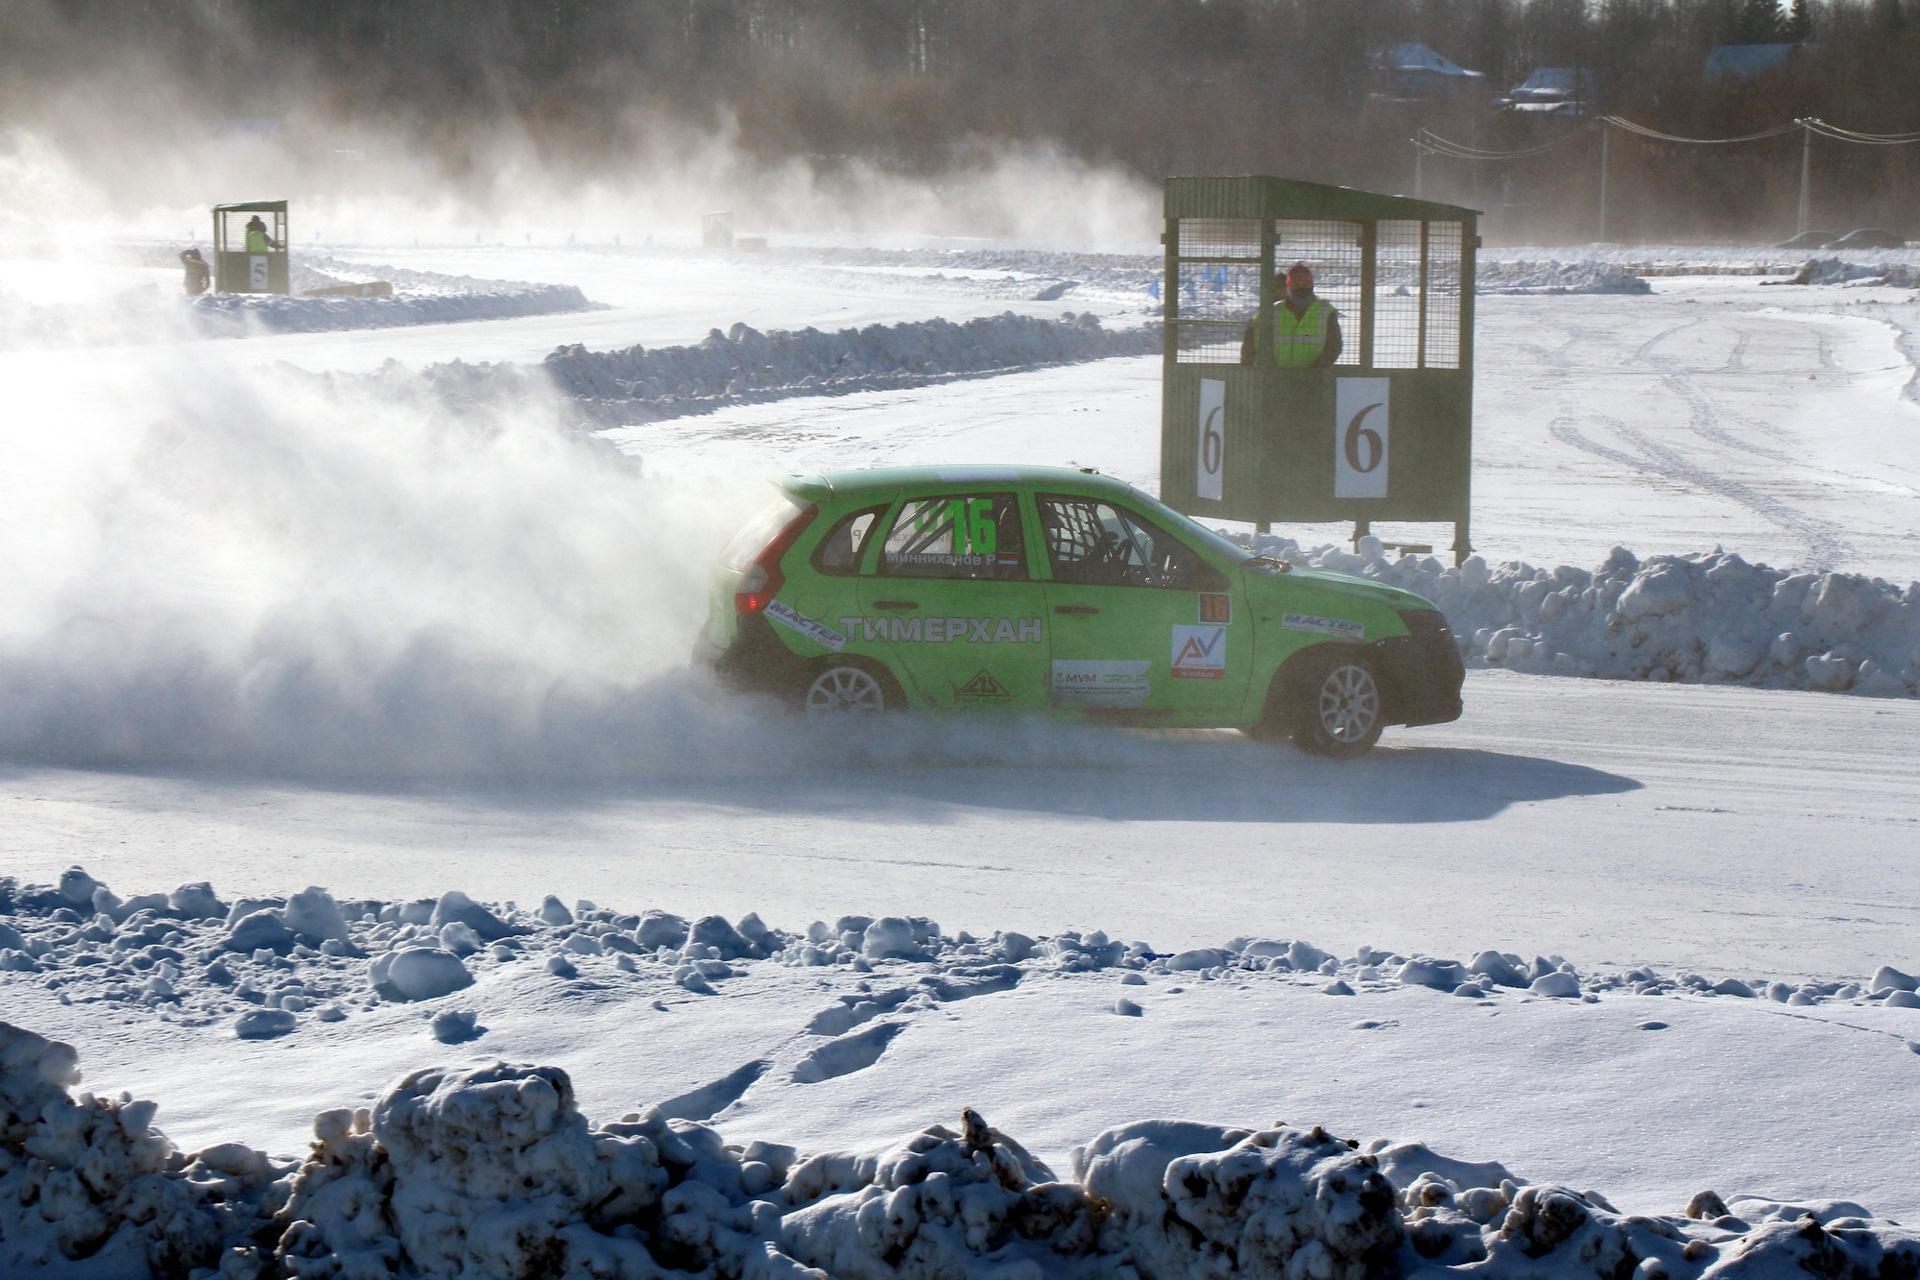 зимняя гонка фрэнки машины есть возможно рекомендации